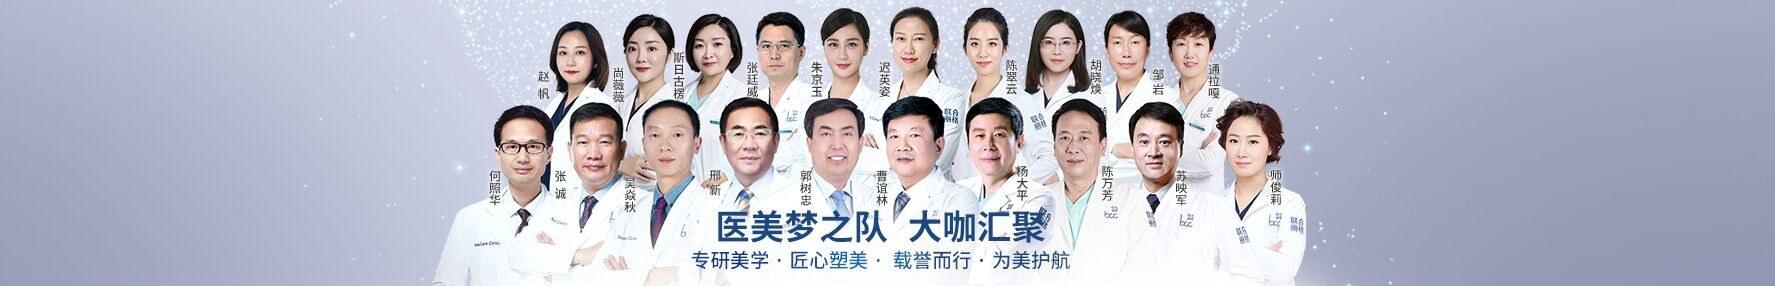 北京整形医院哪家好